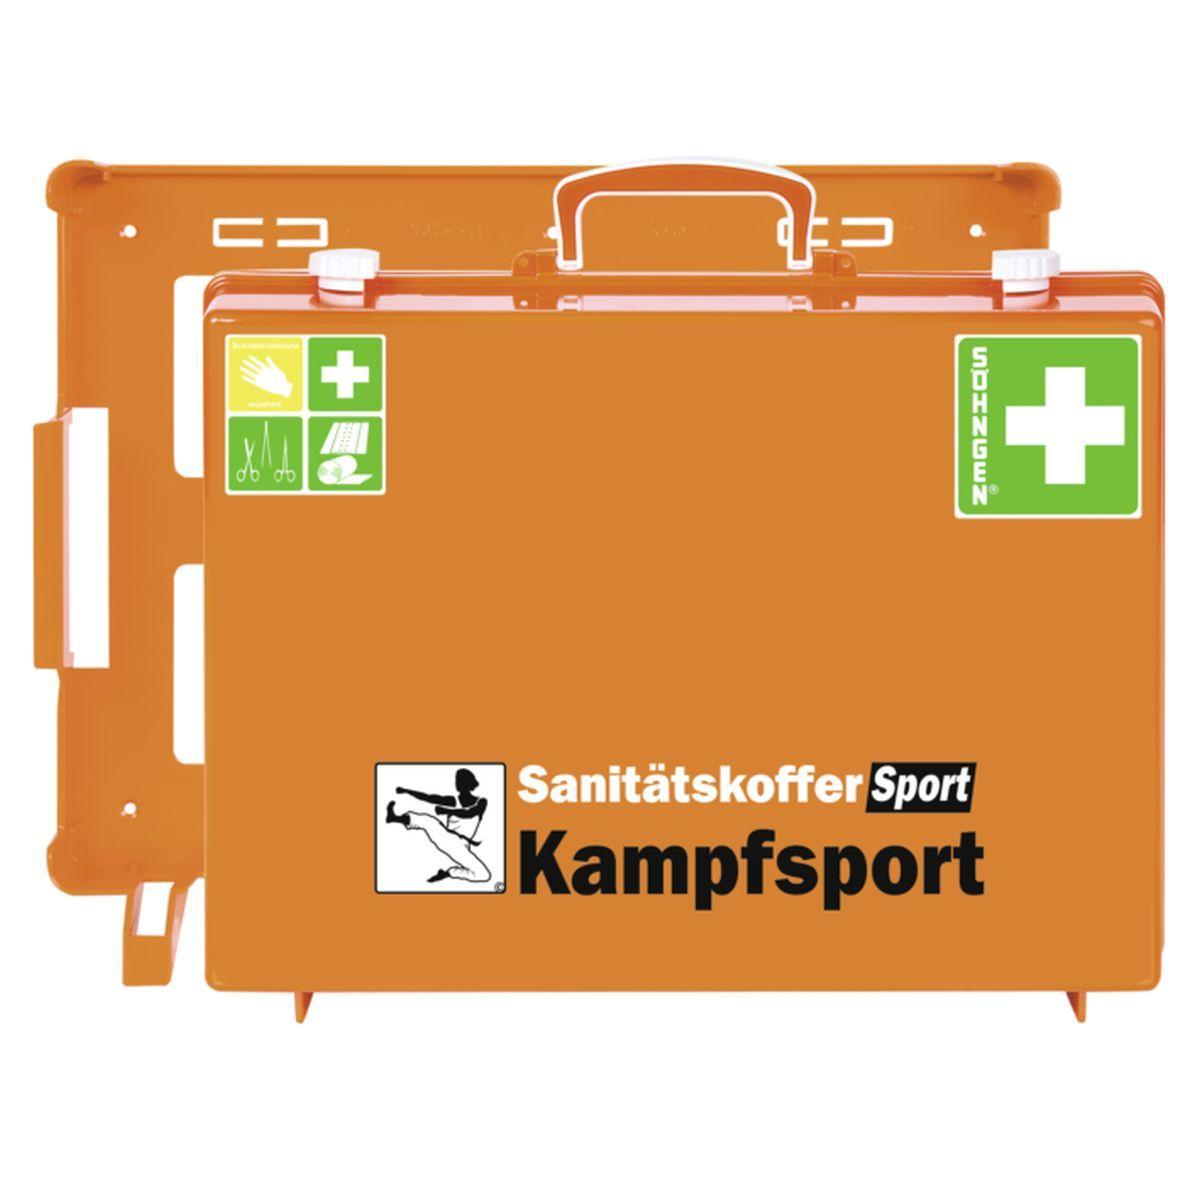 Sanitätskoffer Sport Kampfsport